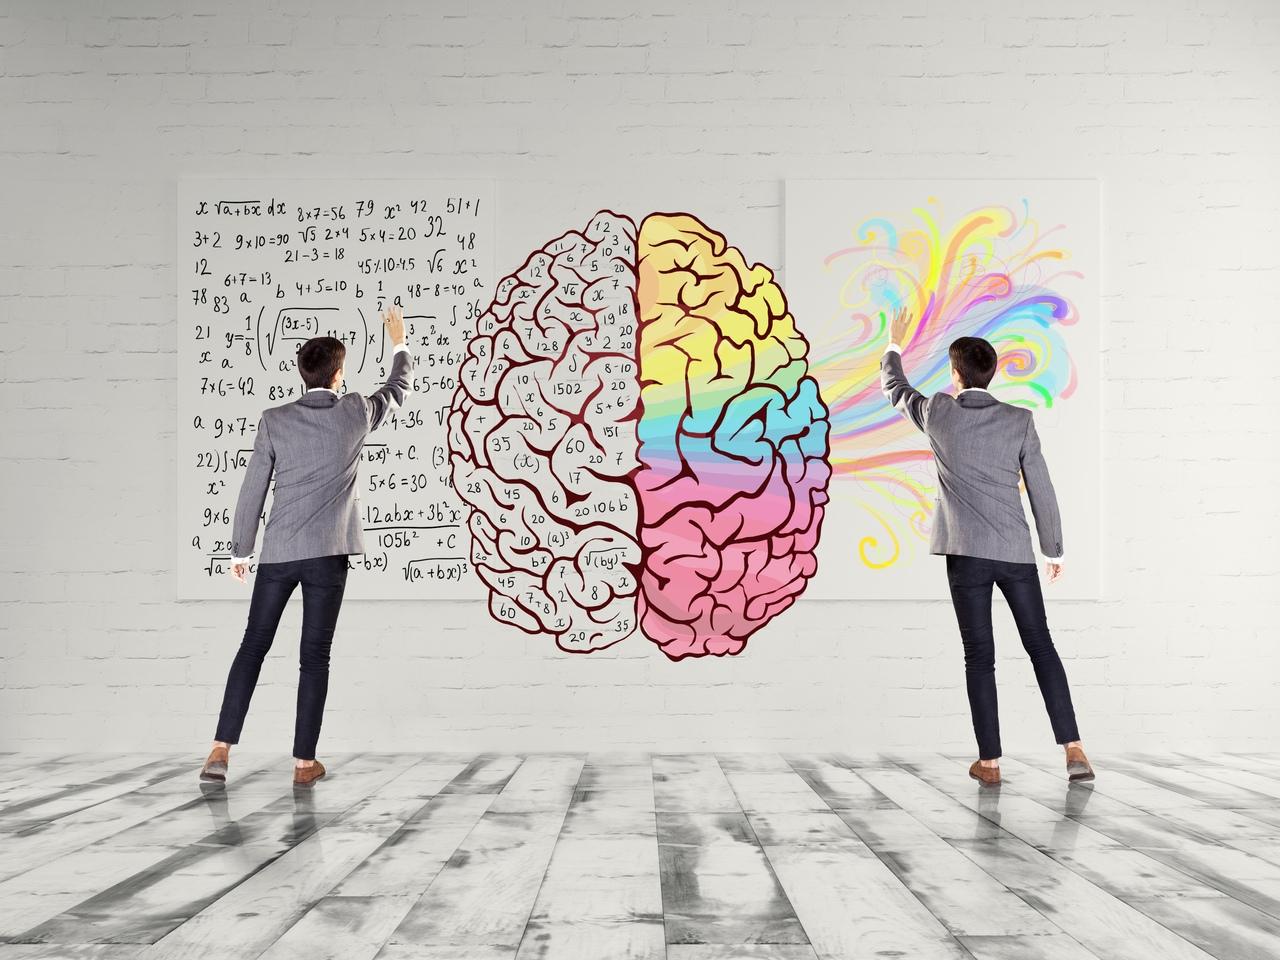 картинки с мыслями как создать будущее популярности или внешнего